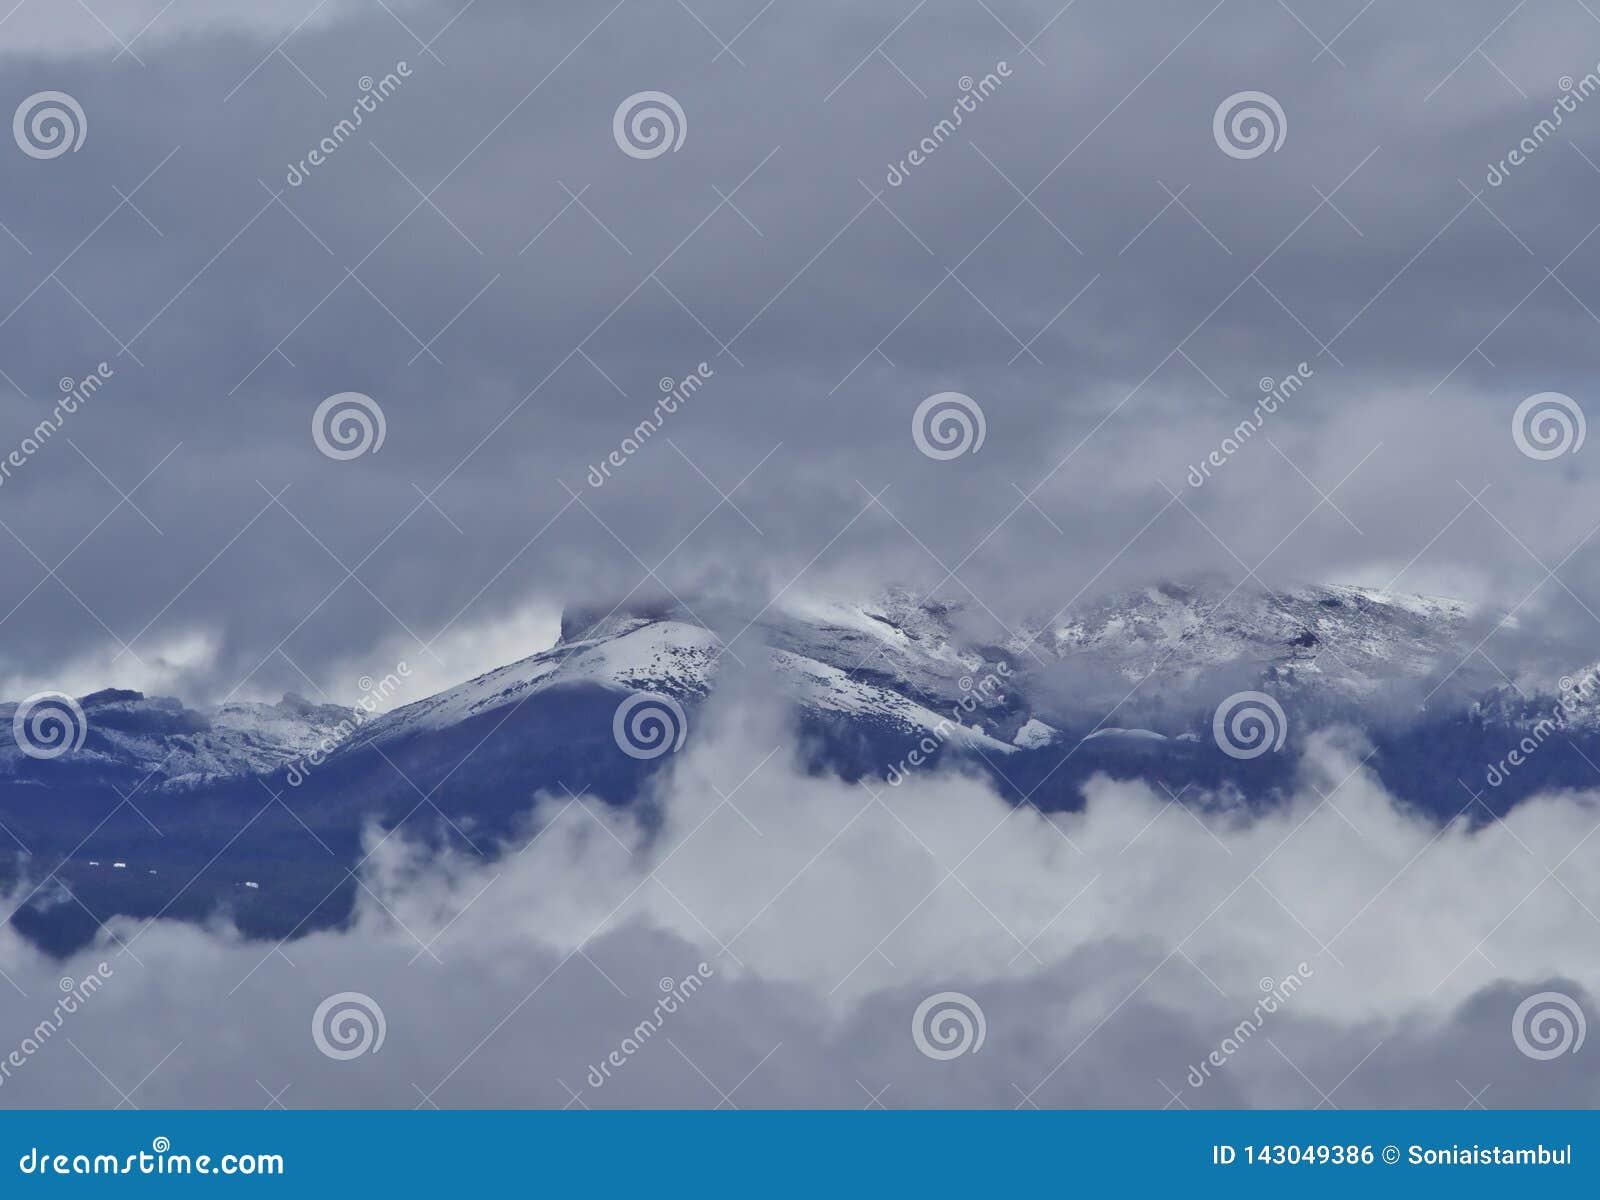 Nieve en las islas Canarias, Tenerife, Espa?a